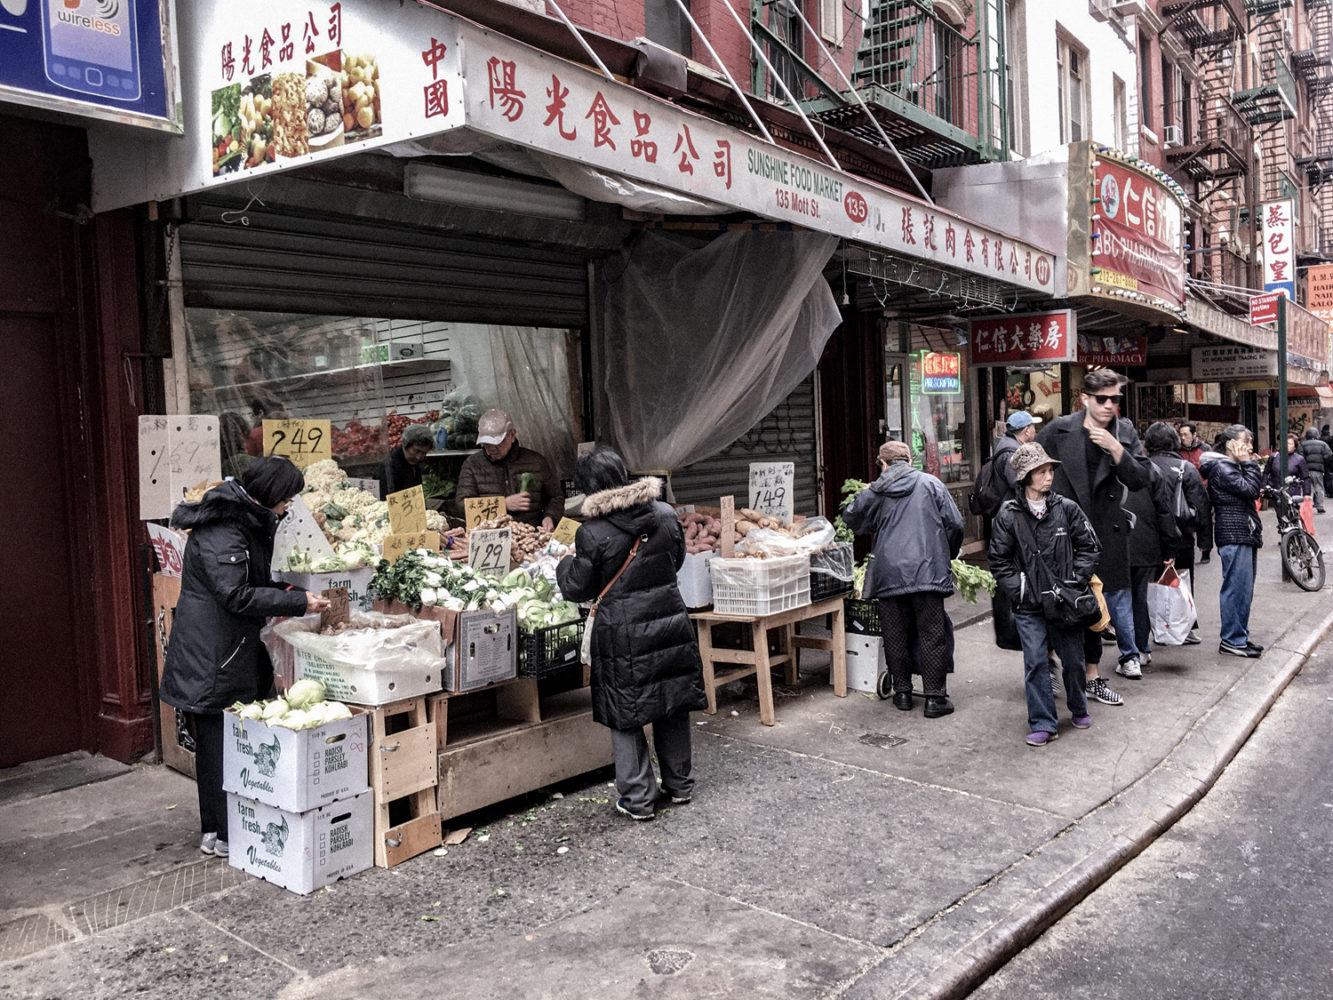 À la découverte des petits commerces de Chinatown